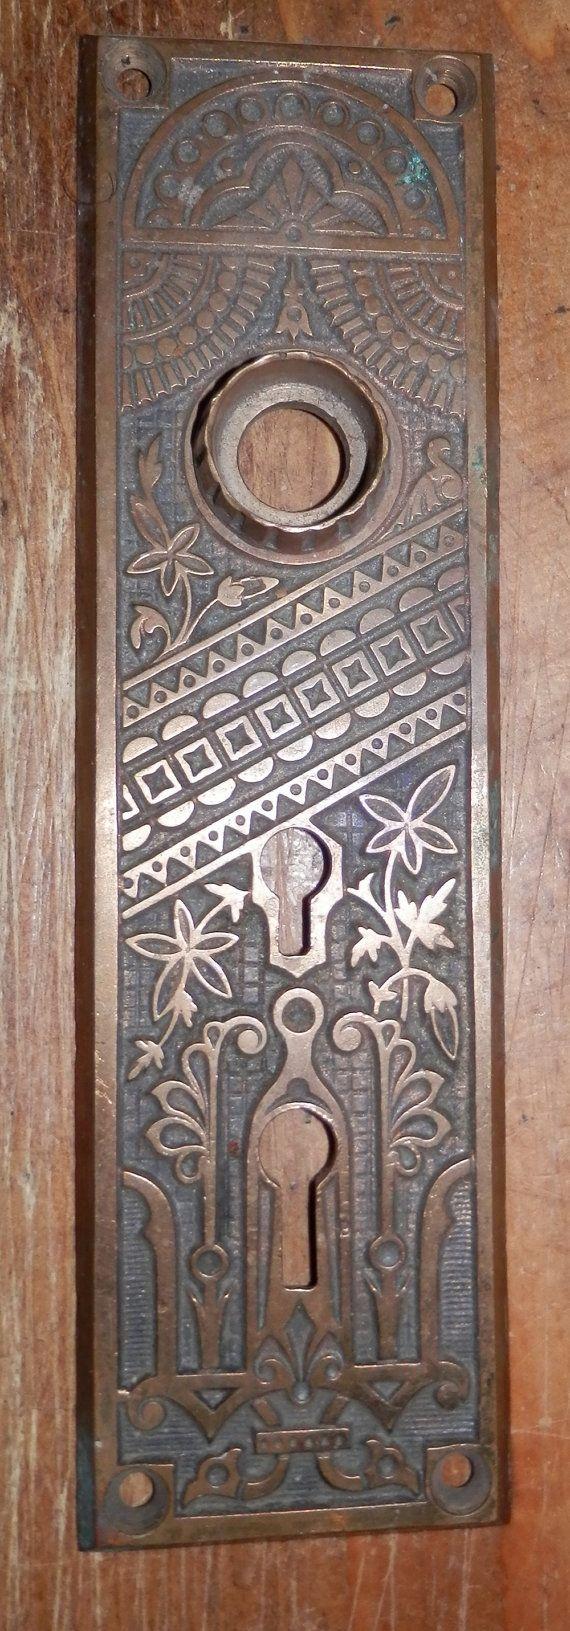 Eastlake style door knob plate double key hole front door cast